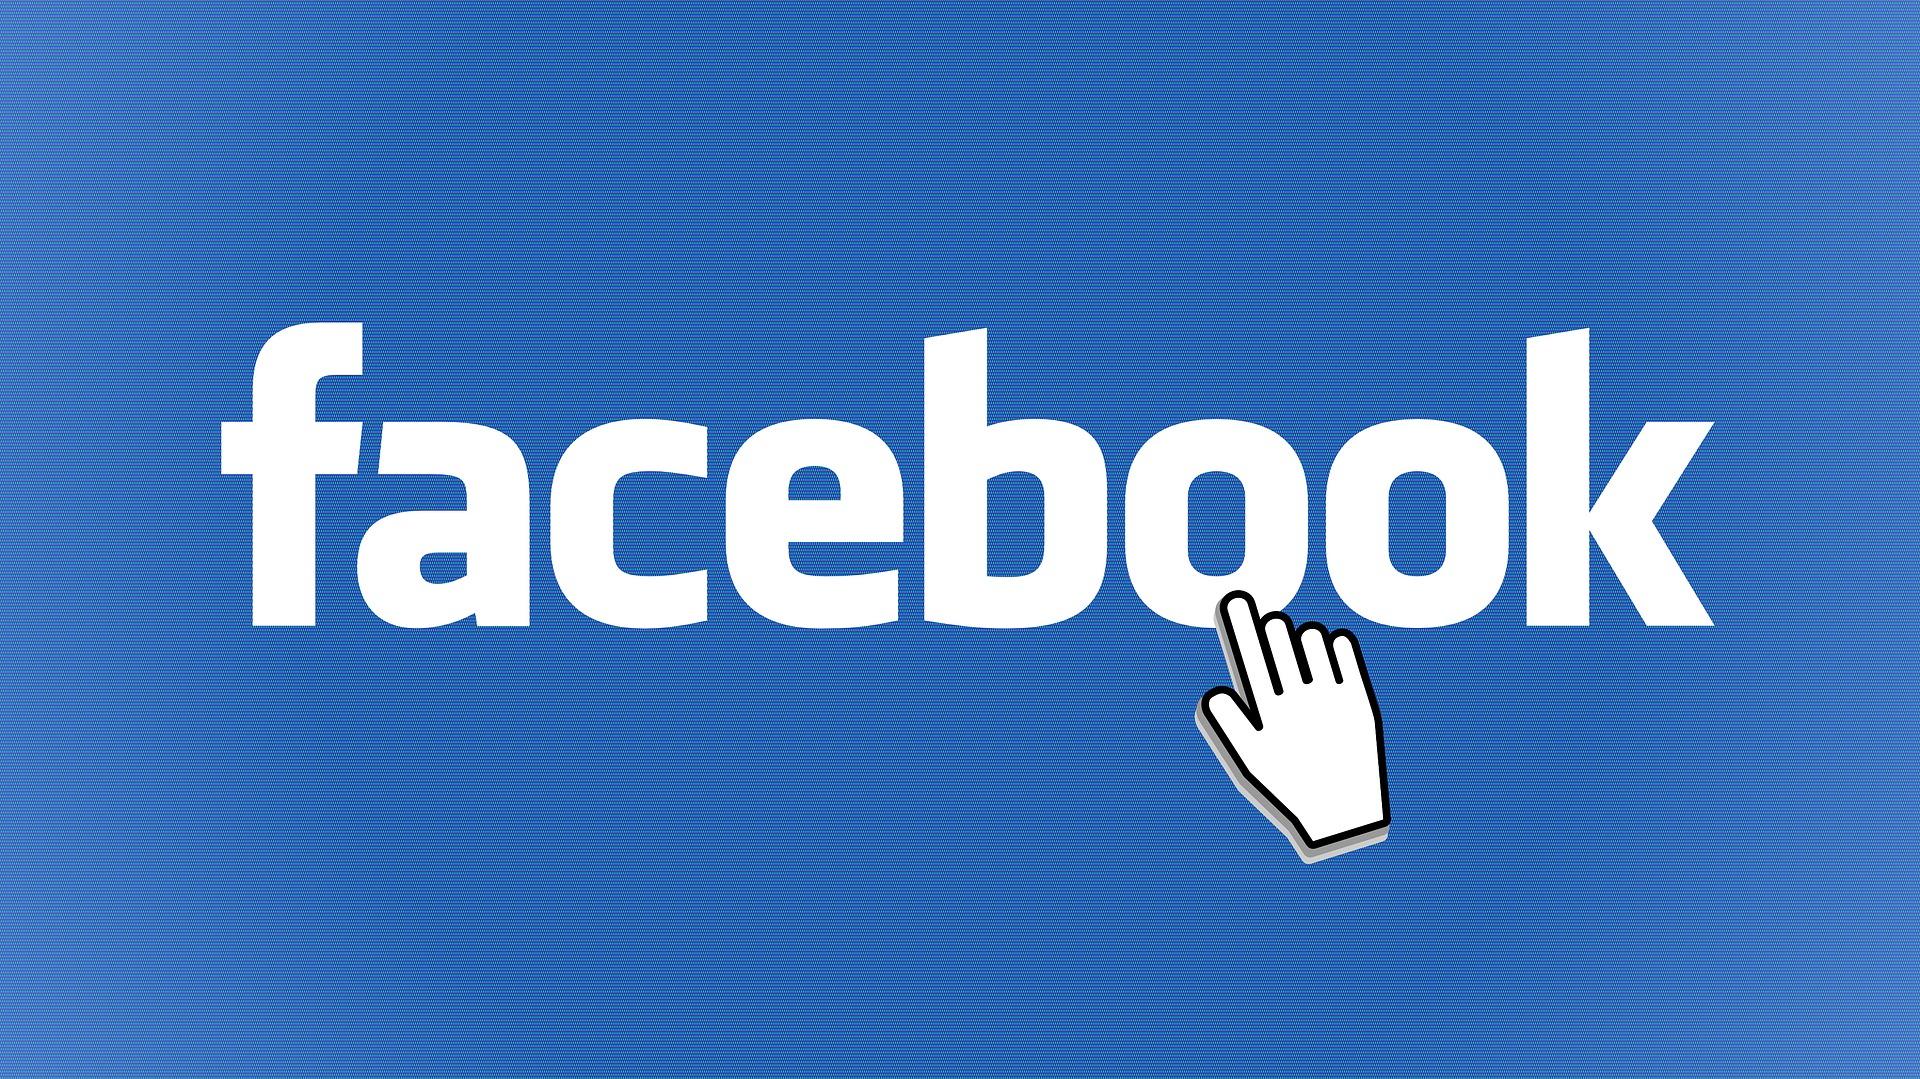 Facebook se anticipa y predice las tendencias que marcarán el 2020